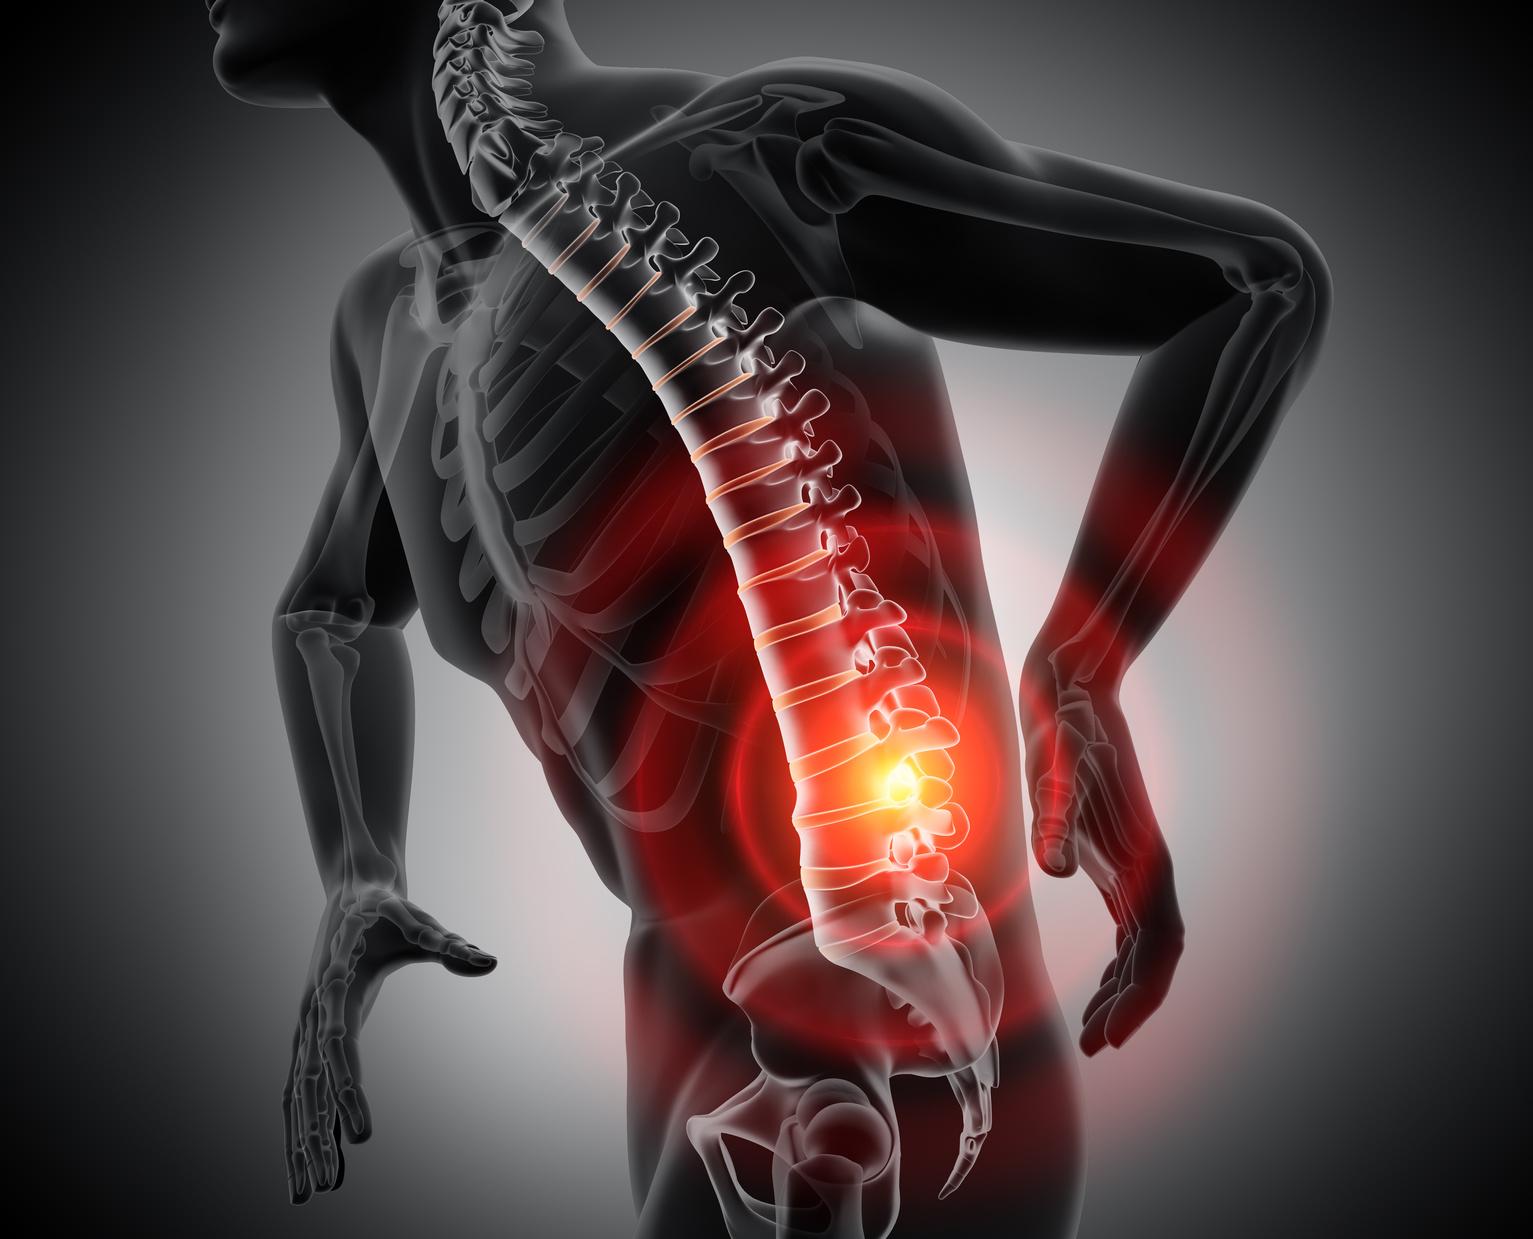 歩くと足がしびれて痛くなってくる…それ、脊柱菅狭窄症かも…